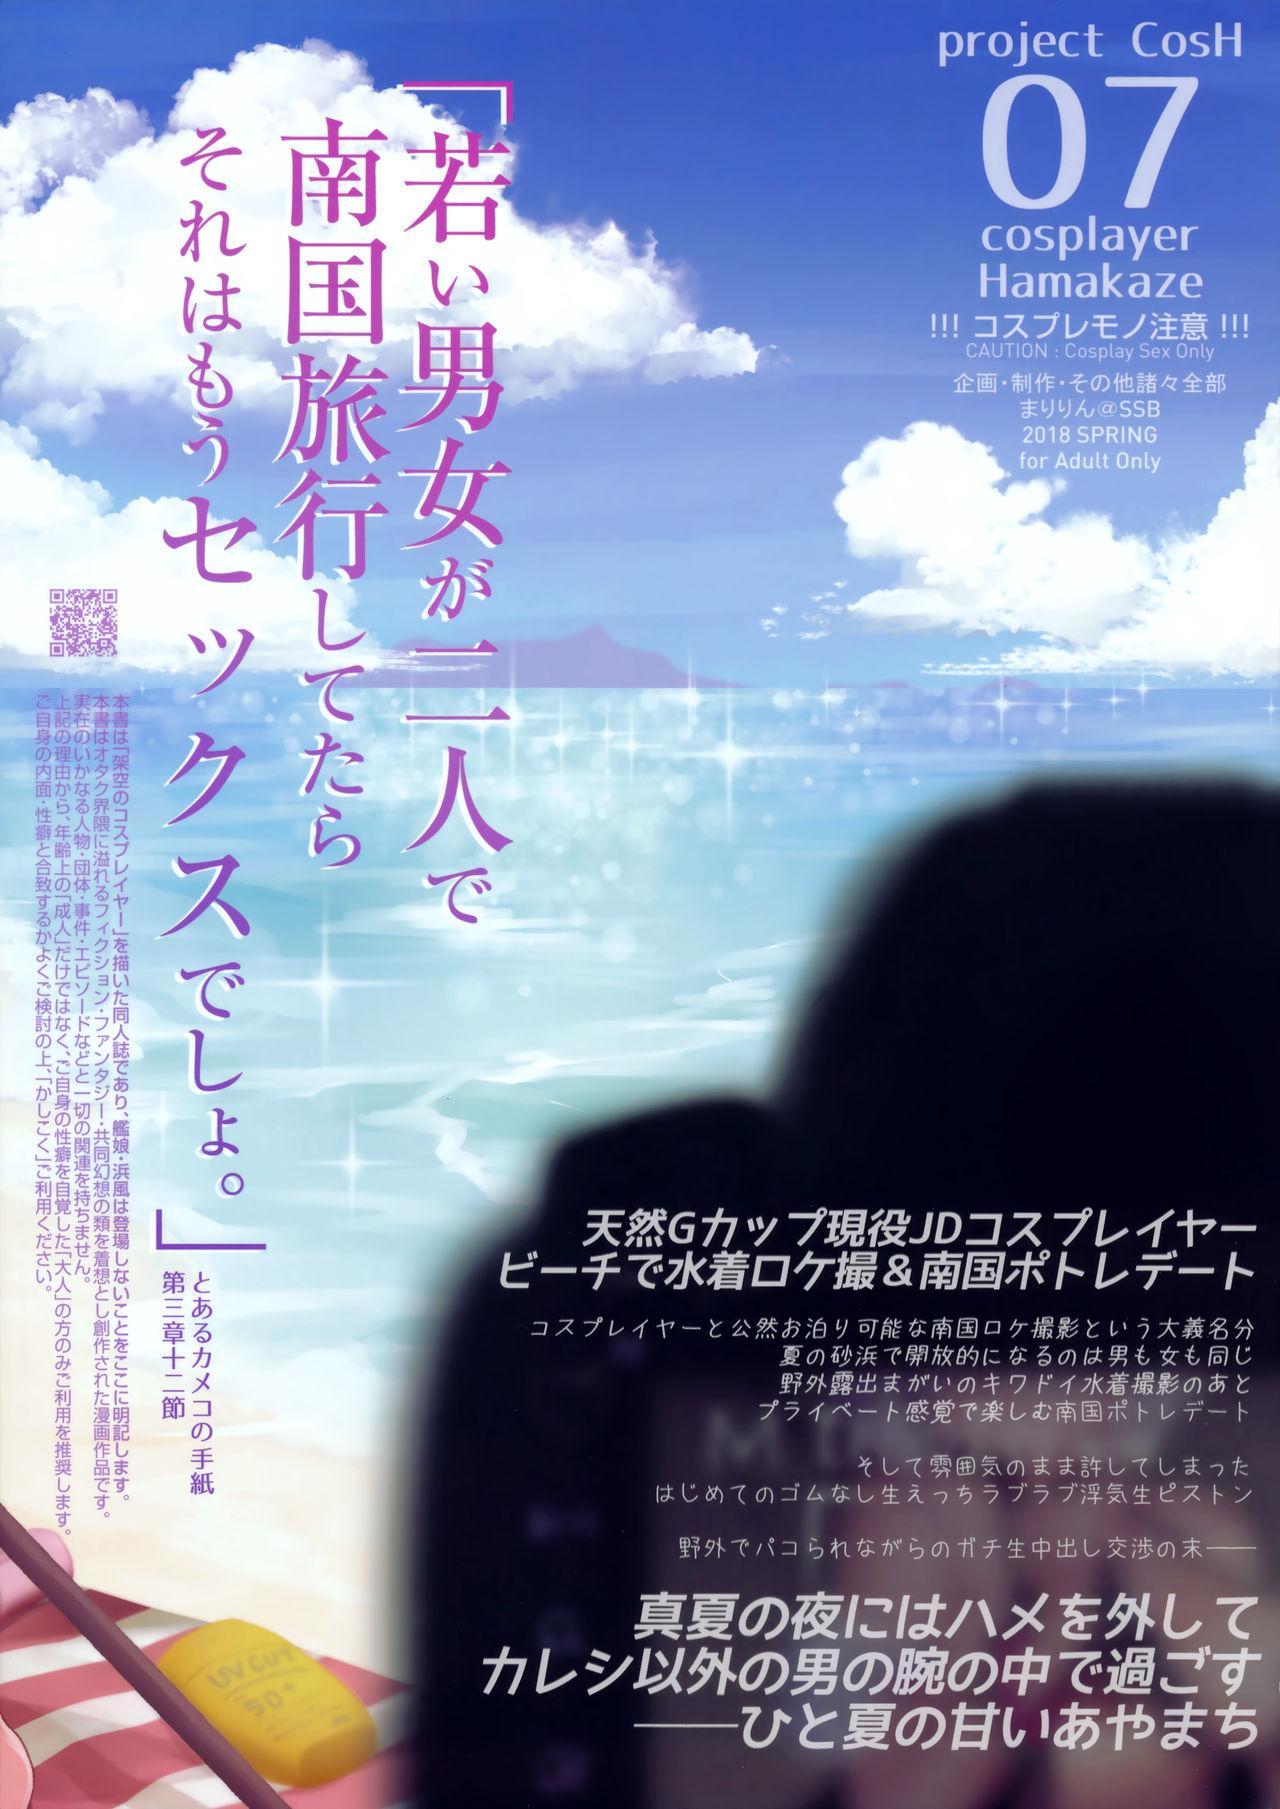 Tennen Kamichichi Shirouto Cosplayer Nangoku Ritou Mizugi Loca Satsuei 29